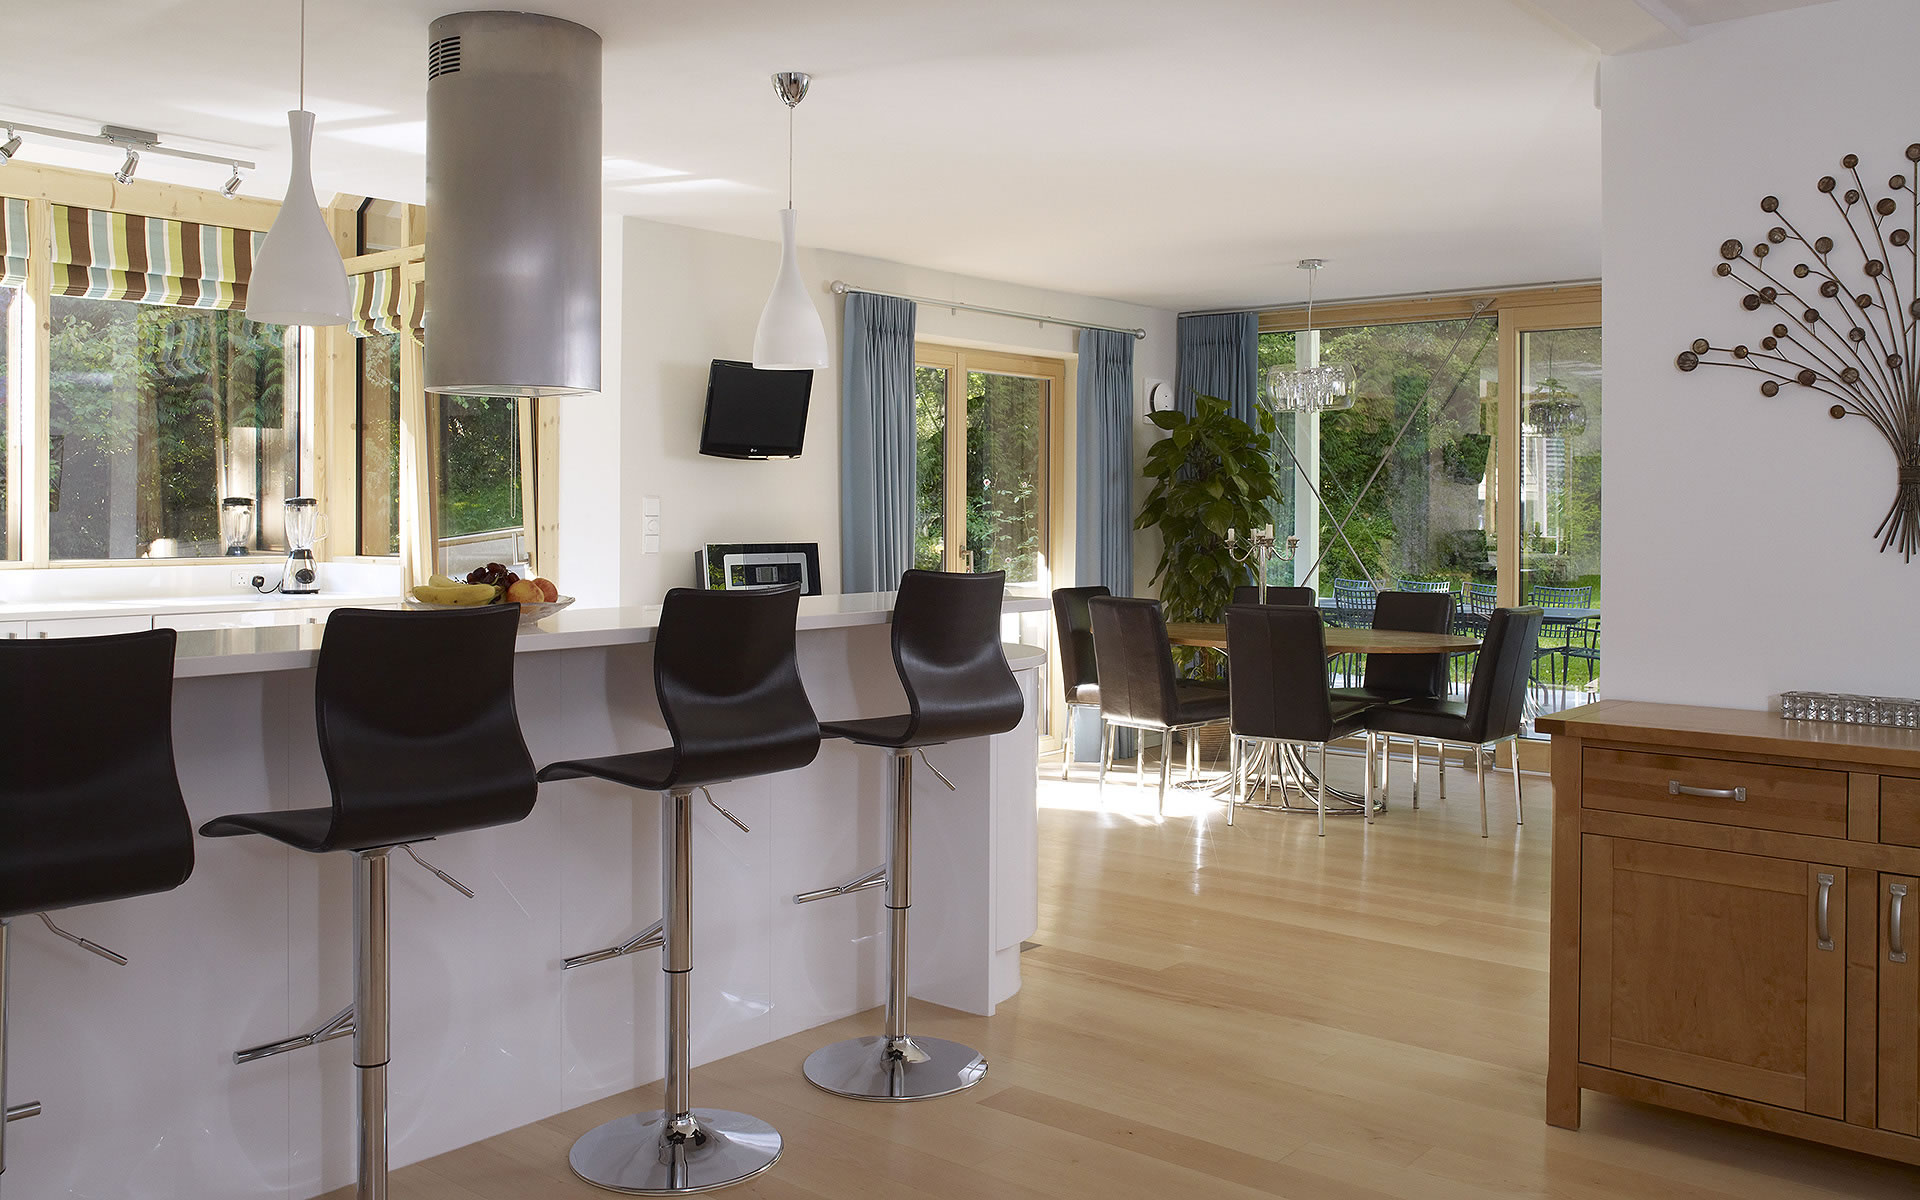 Architektur in Glas von Bau-Fritz GmbH & Co. KG, seit 1896